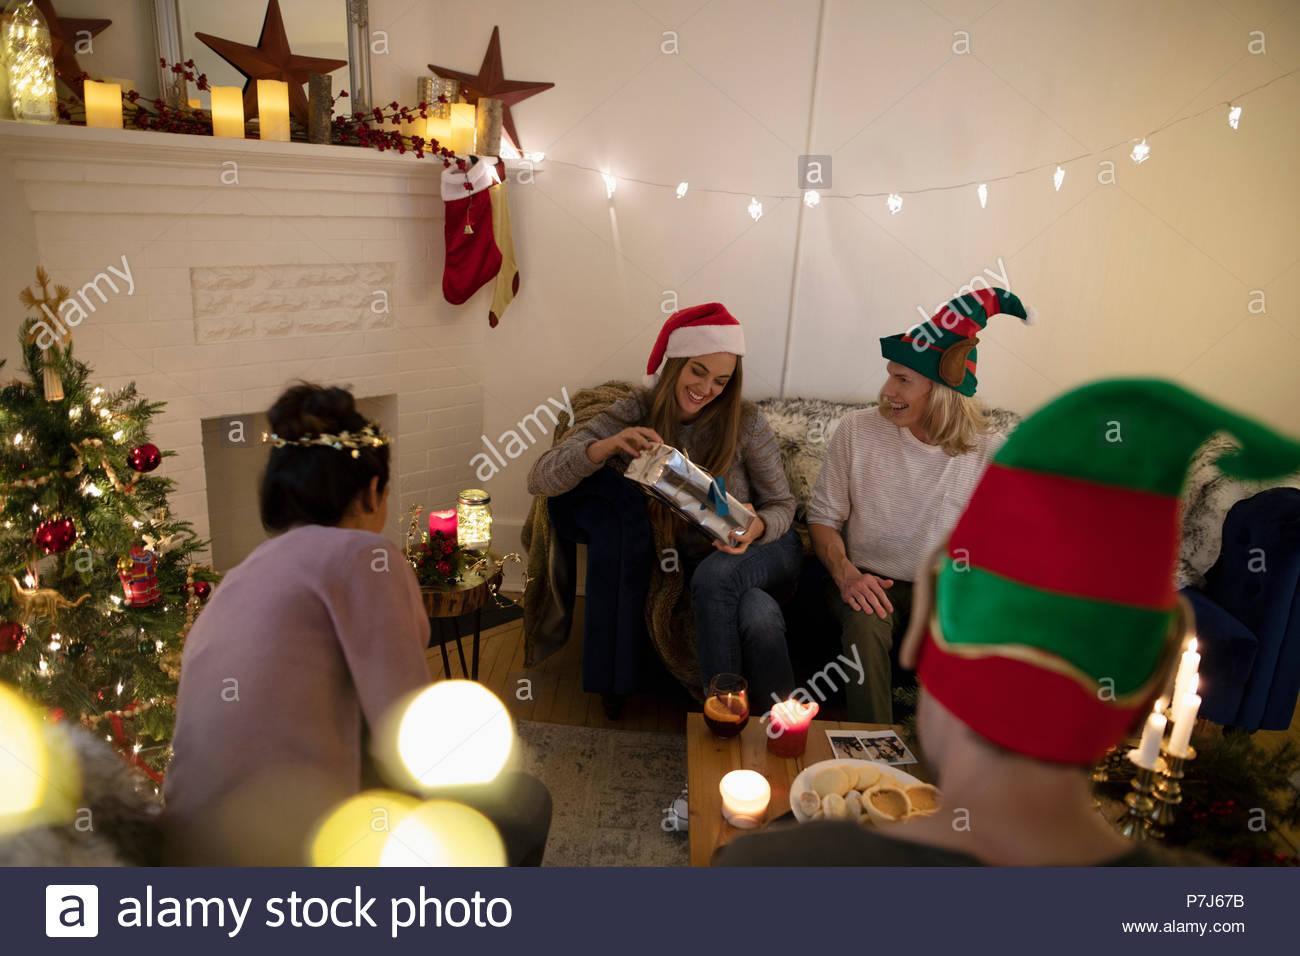 Regali Di Natale Amici.Amici Di Millenaria Di Aprire I Regali Di Natale In Un